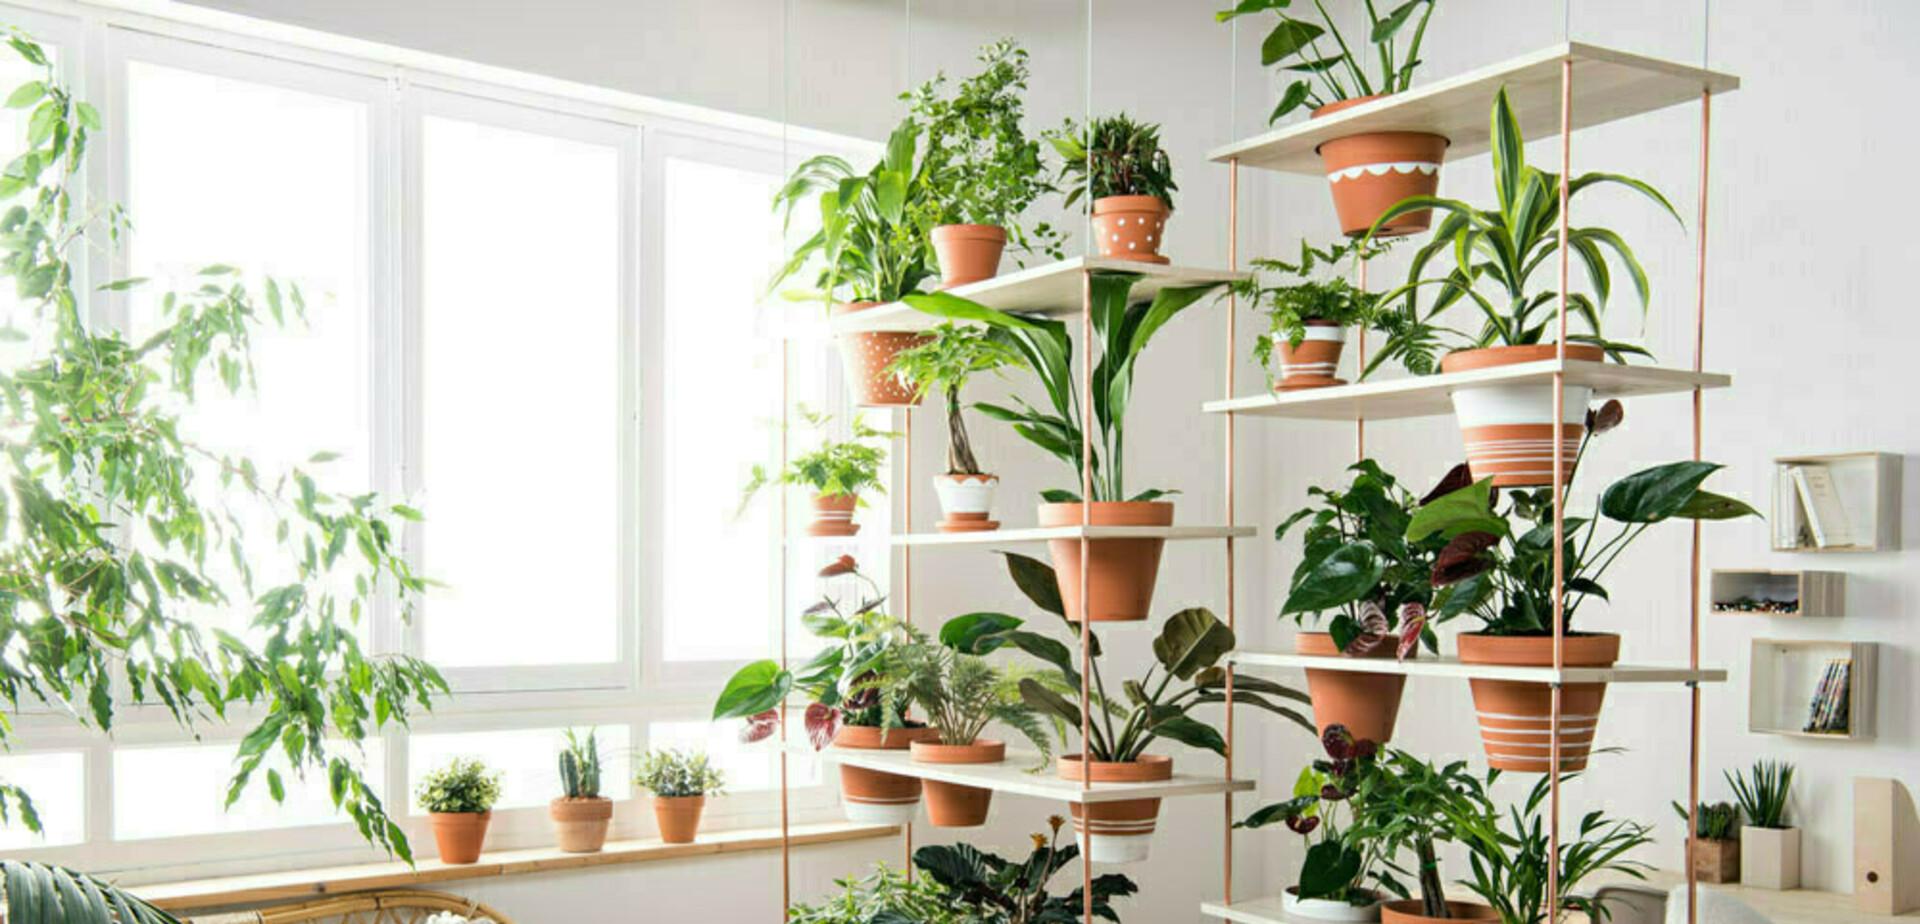 Mur Végétal Extérieur Palette mur végétal - pour les makers